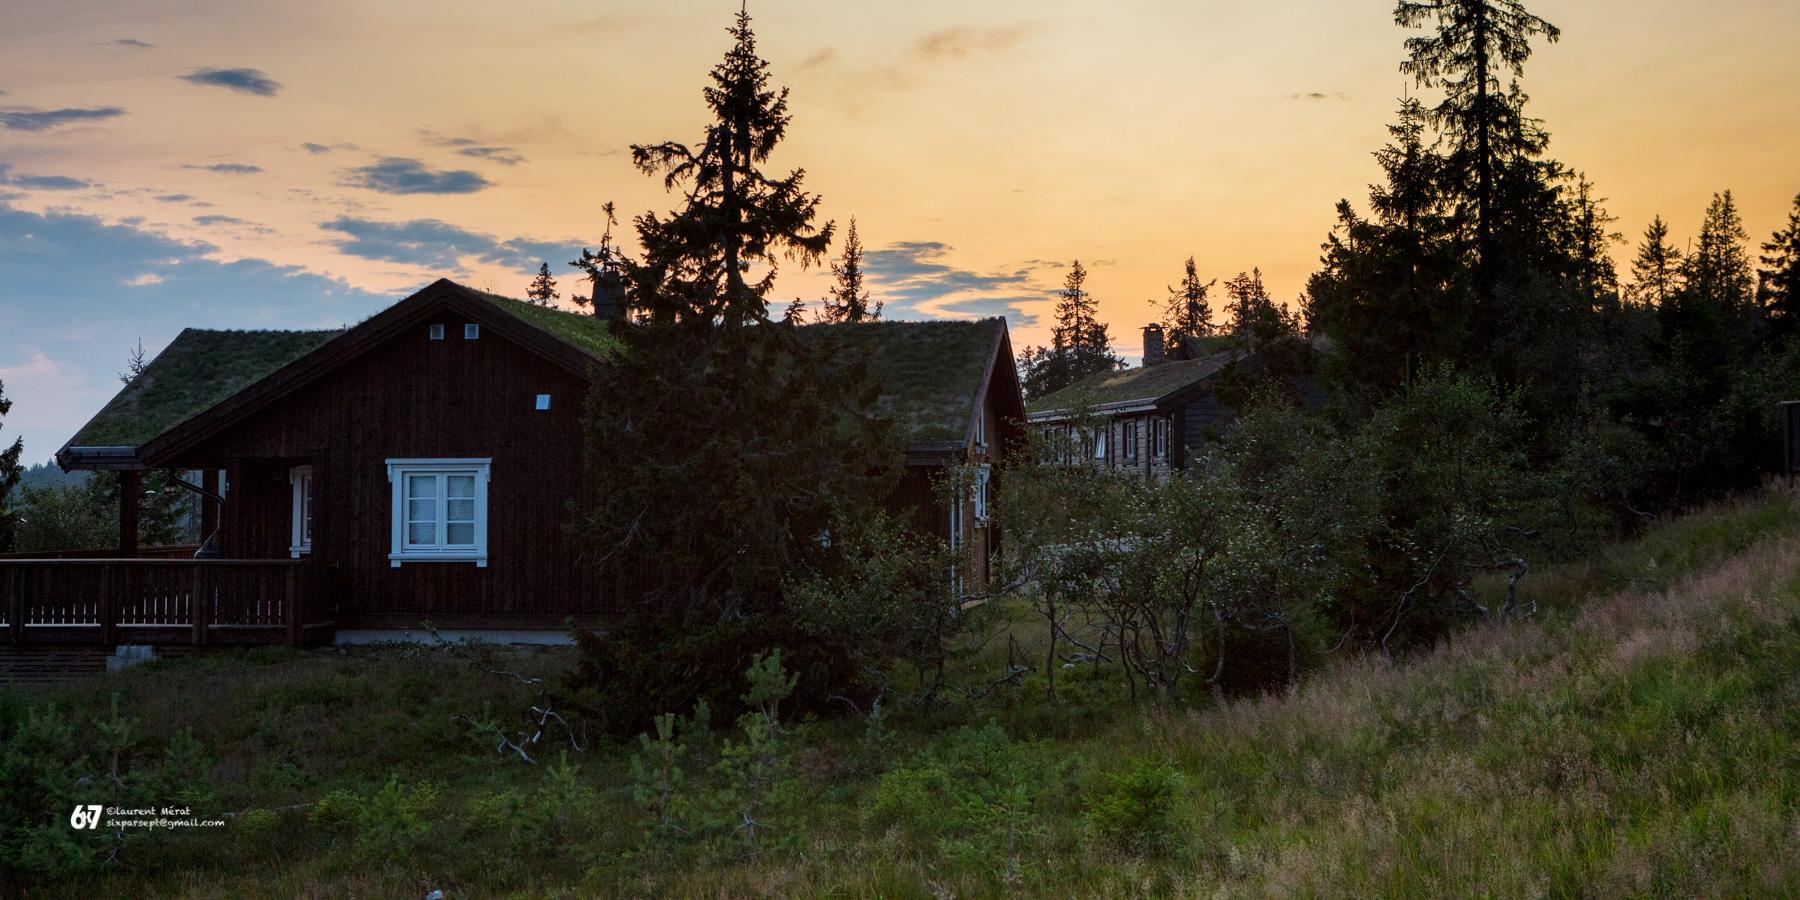 Ojura va en Norvège 2019